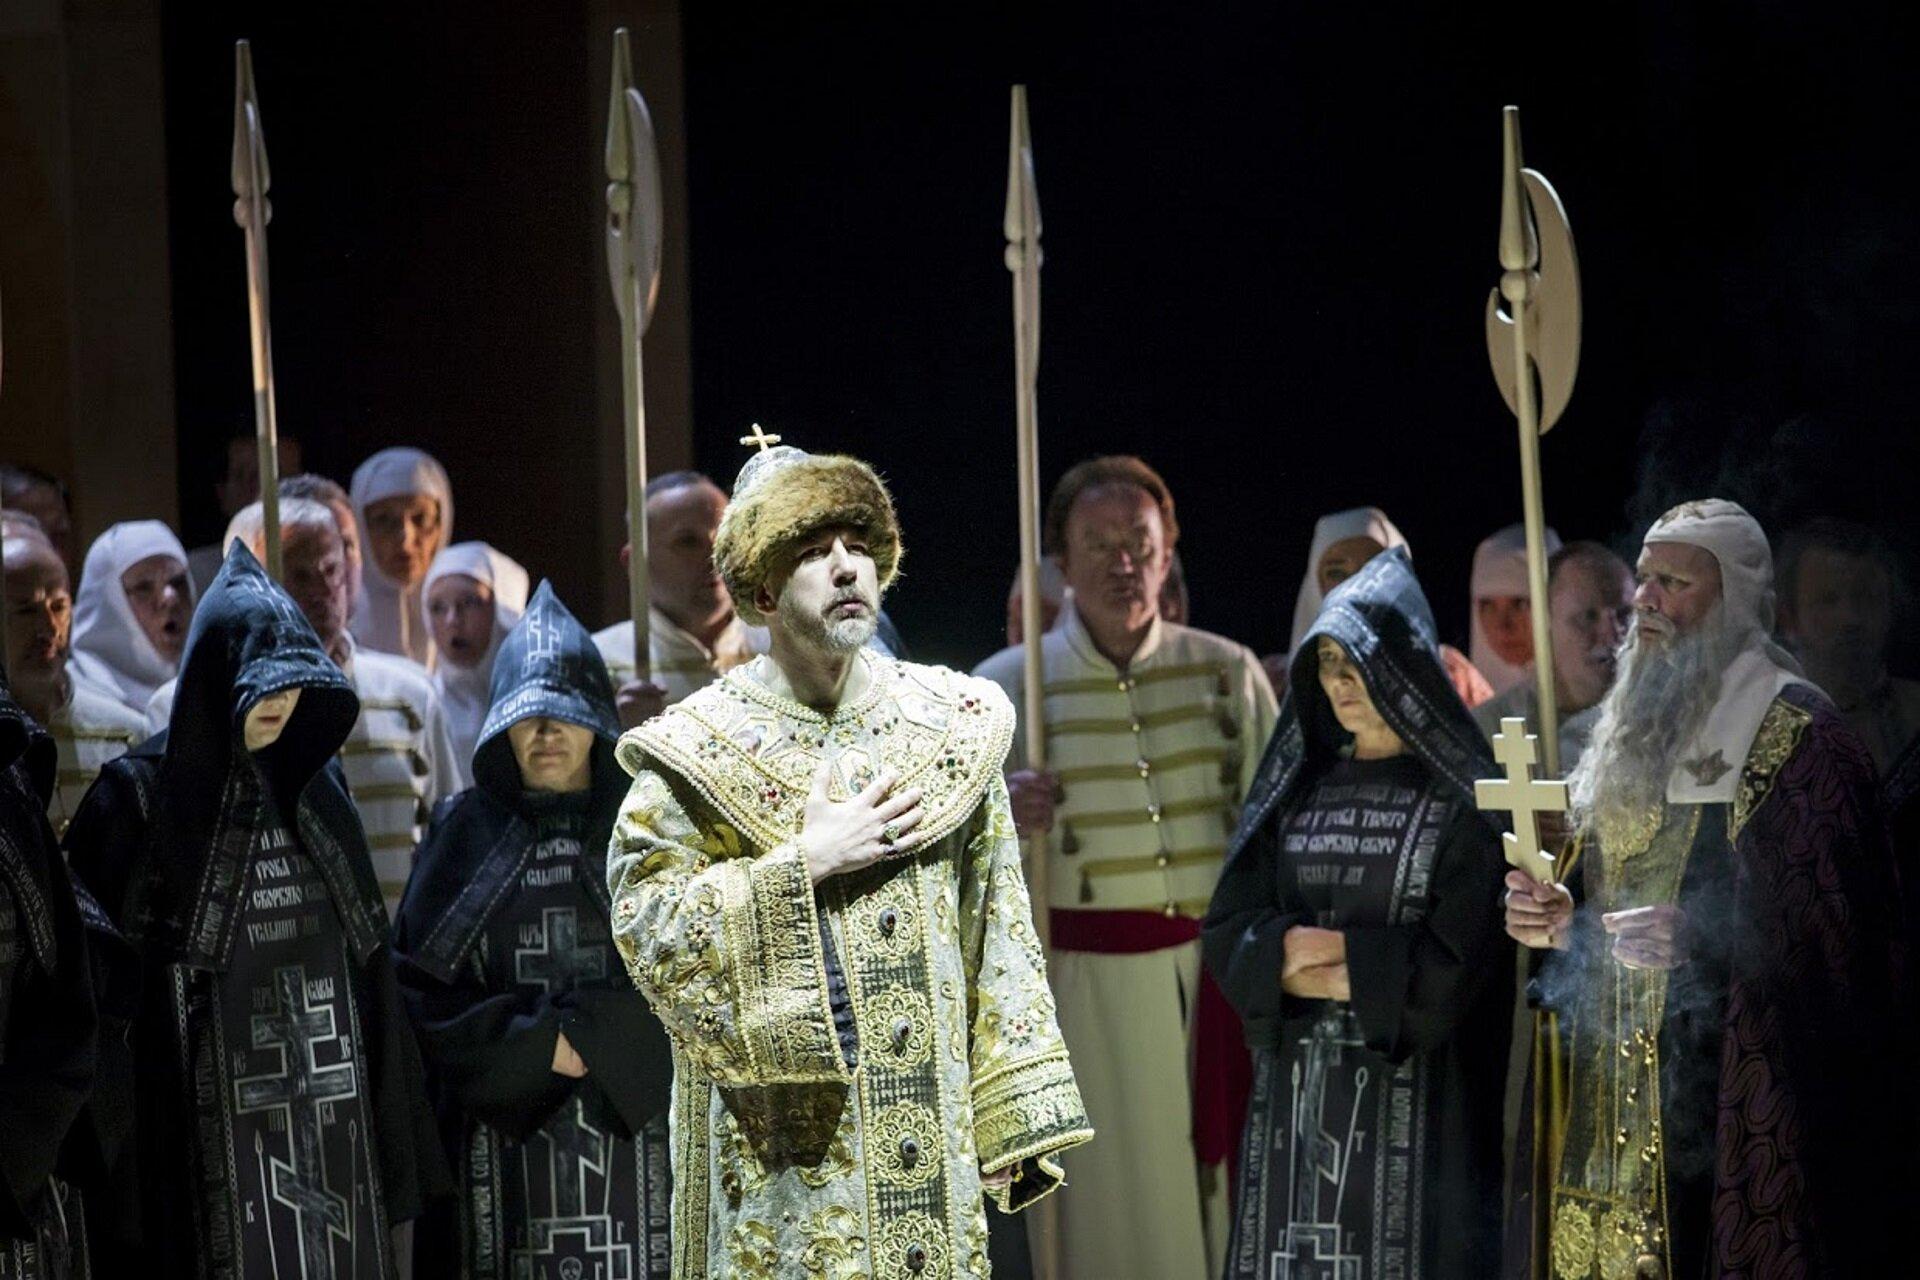 """Ilustracja przedstawia scenę zopery Modesta Musorgskiego """"Borys Godunow"""". Na zdjęciu widzimy mężczyznę wjasnym, zdobionym płaszczu, na głowie ma czapkę zfutra oraz zamocowany krzyż. Za nim stoją postaci wczarnych szatach zkapturami na głowie. Wdalszej części zdjęcia znajdują się mężczyźni zdługimi sztyletami oraz zakonnice wbiałych strojach. Po prawej stronie jest starzec zdługą, siwą brodą, który wręce trzyma biały, drewniany krzyż."""